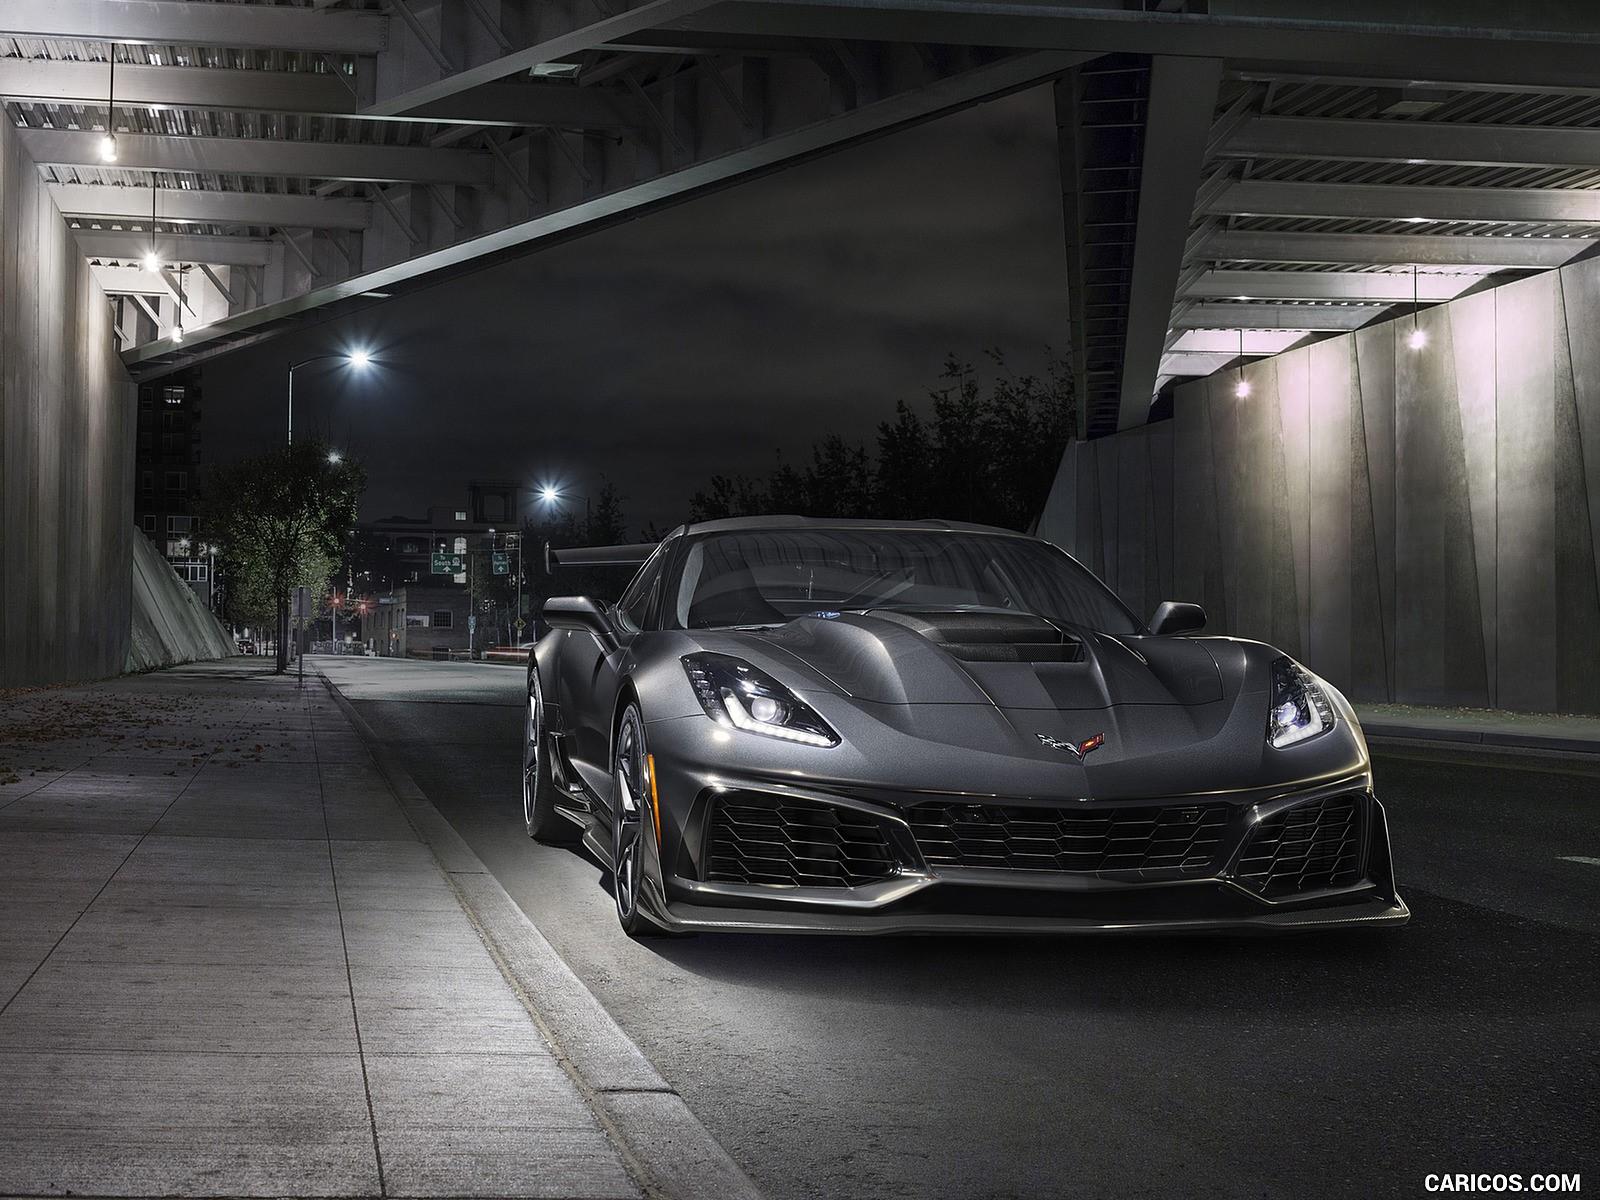 2019 Chevrolet Corvette ZR1 resimleri